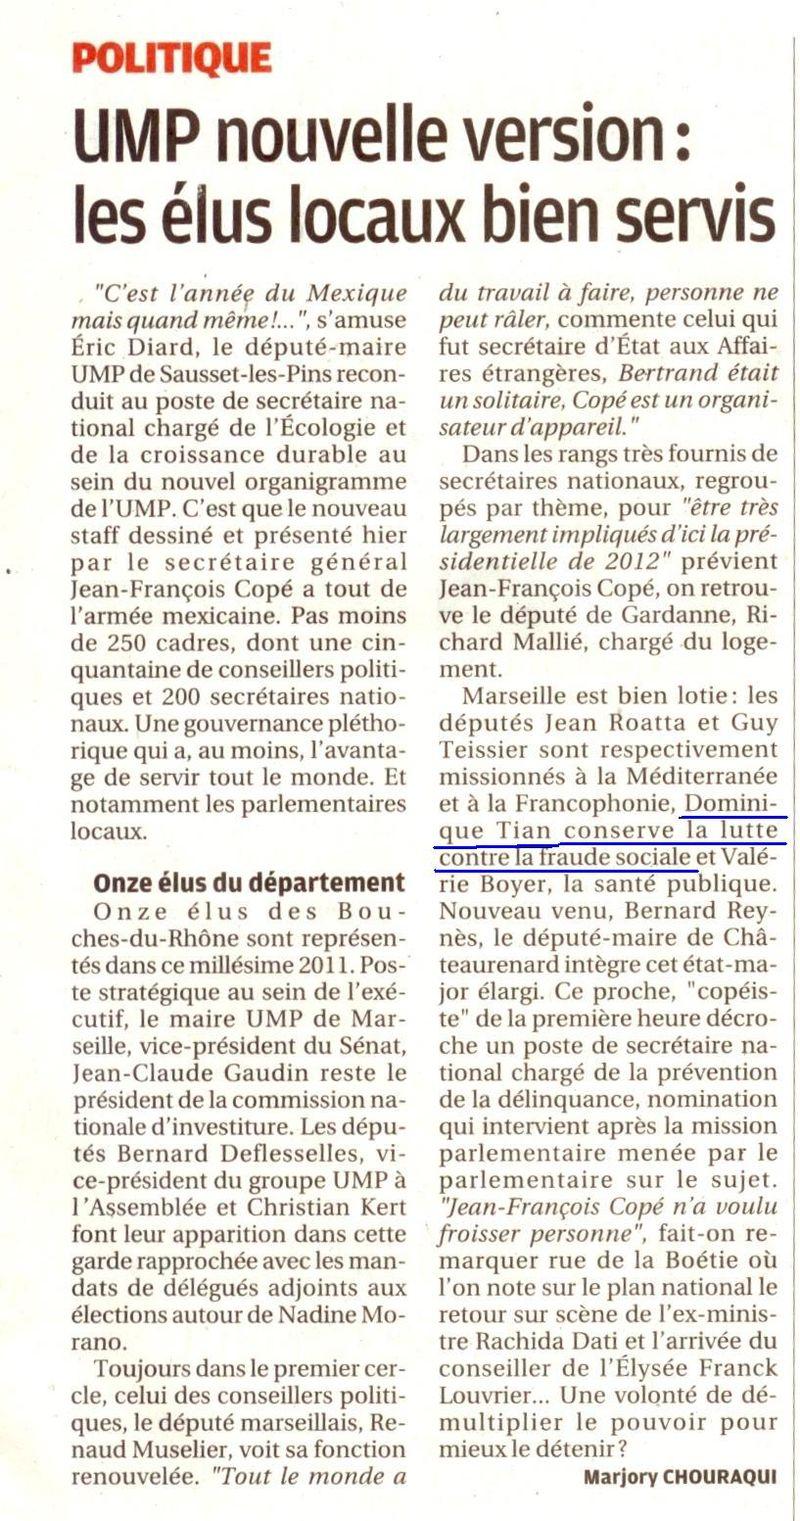 La provence 17 février-UMP